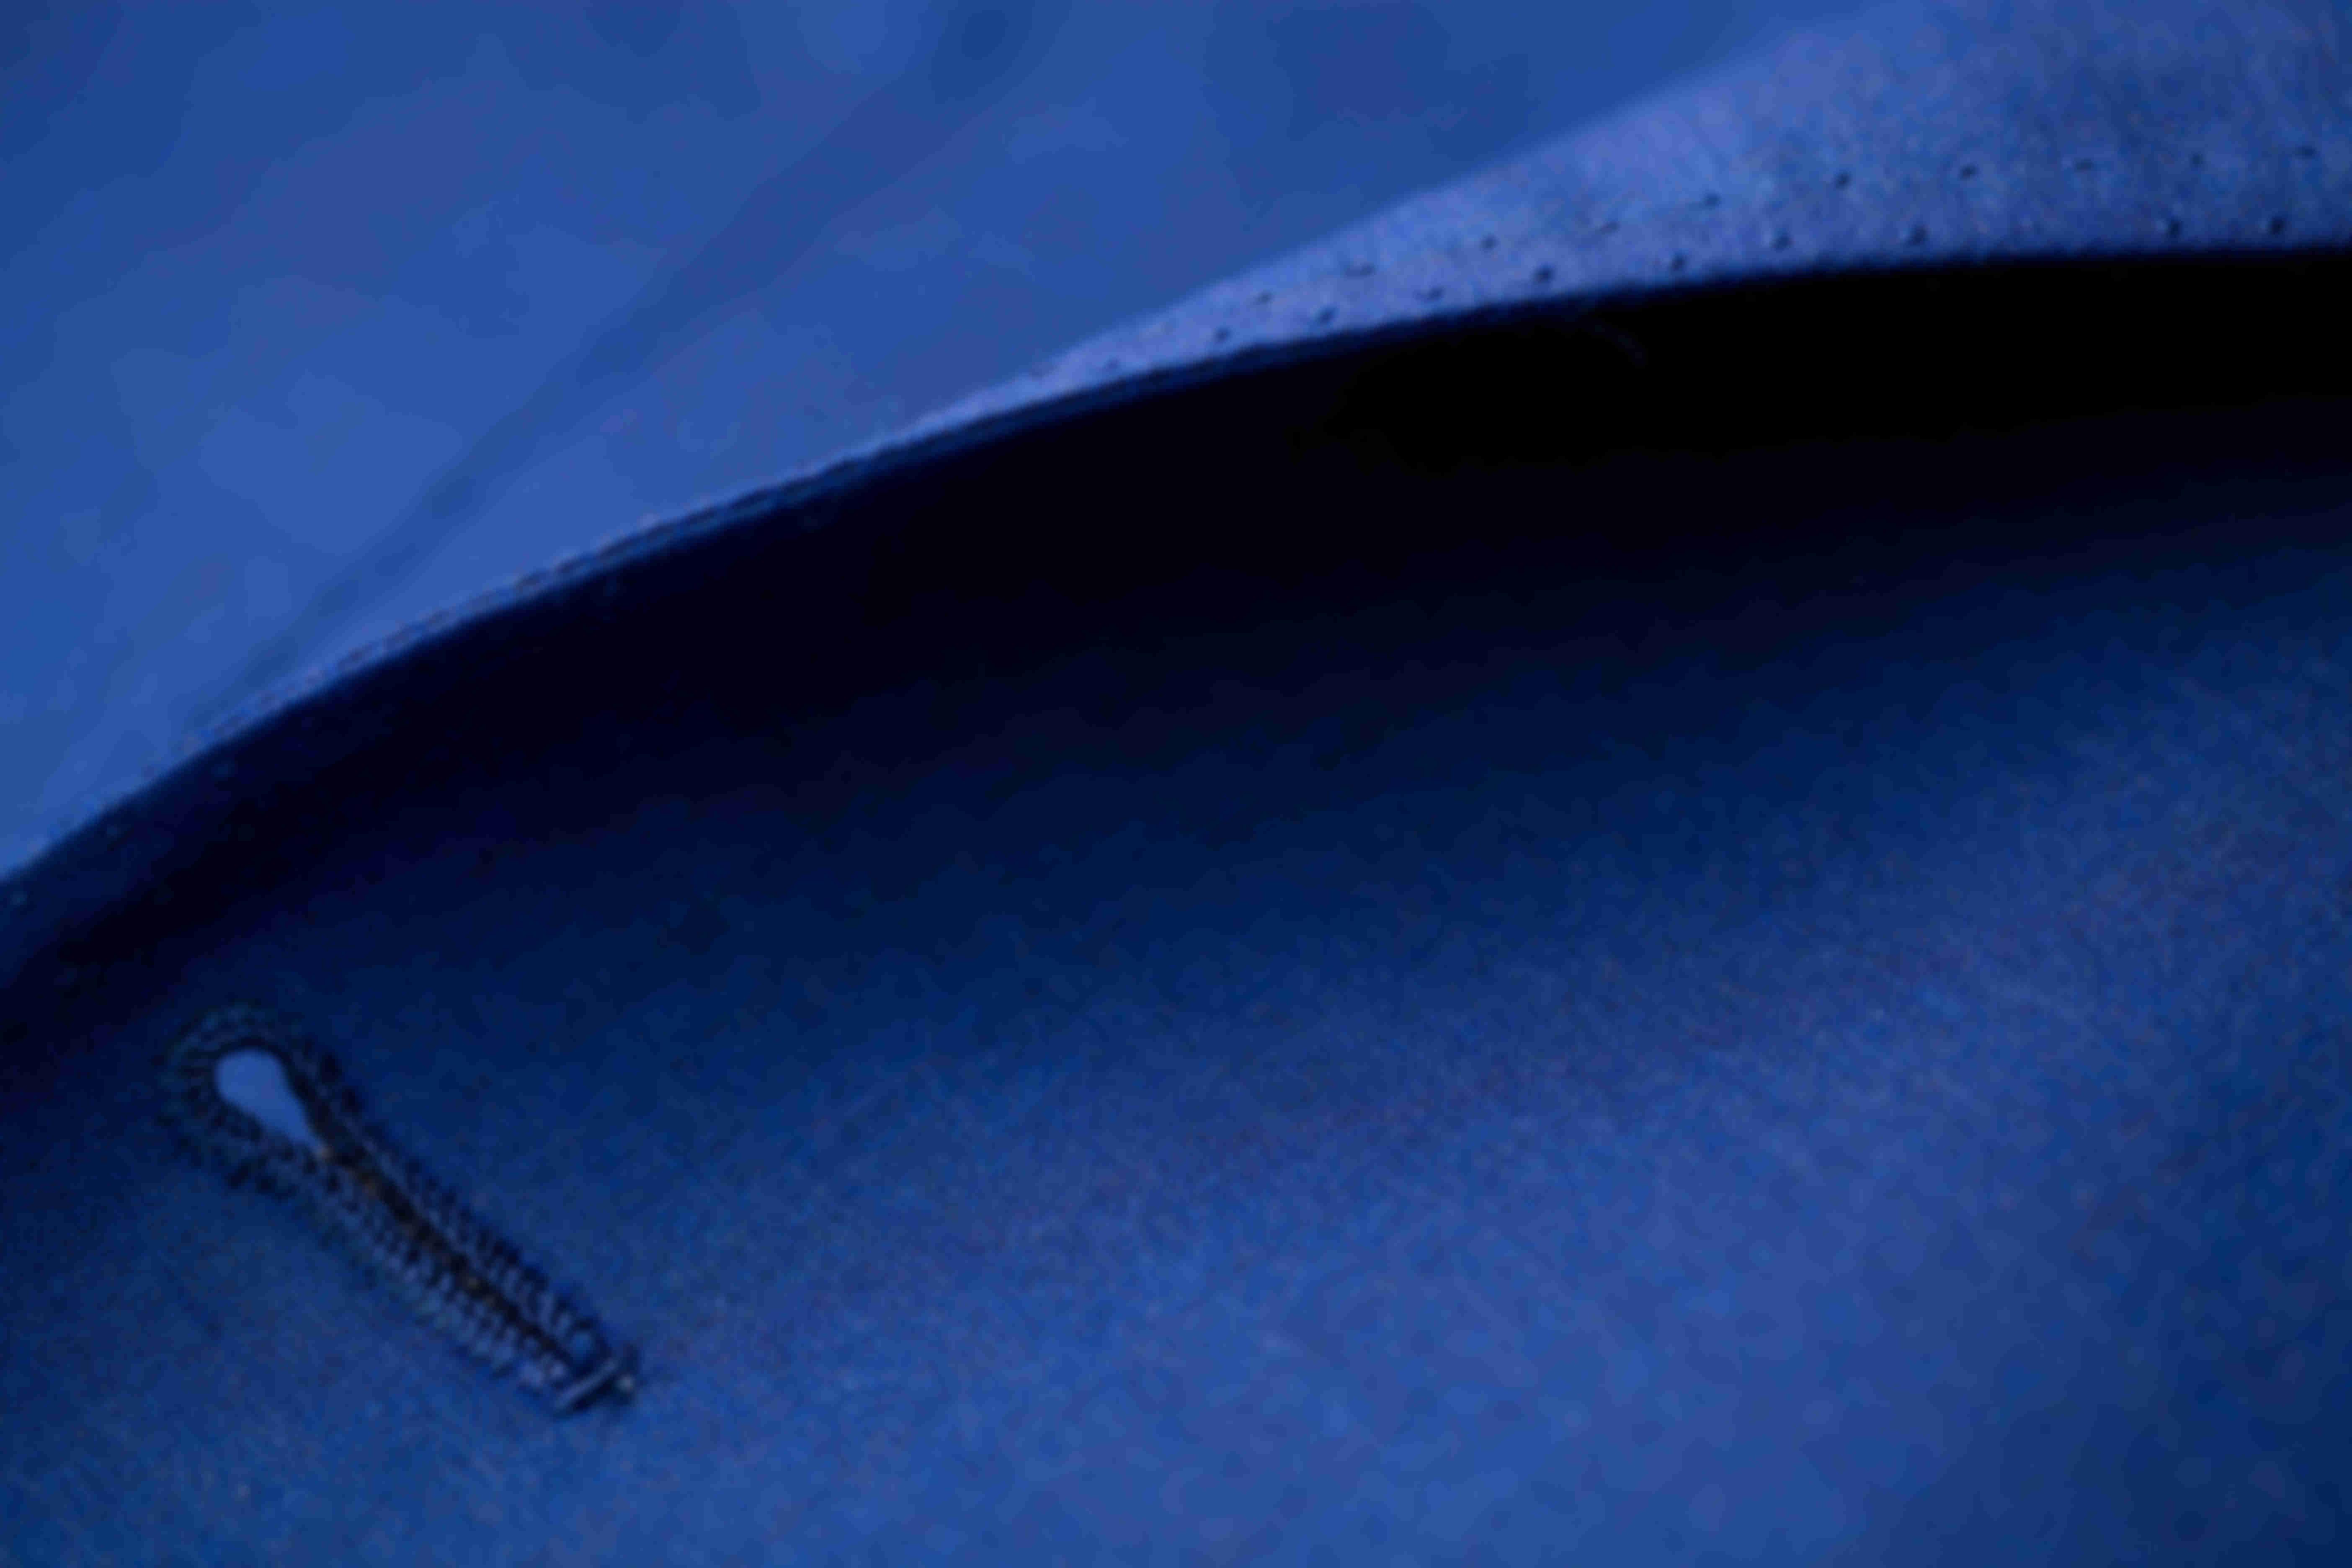 Doublure Surpiqûre AMF revers faite main sur les vestes sur mesure Atelier Mesure